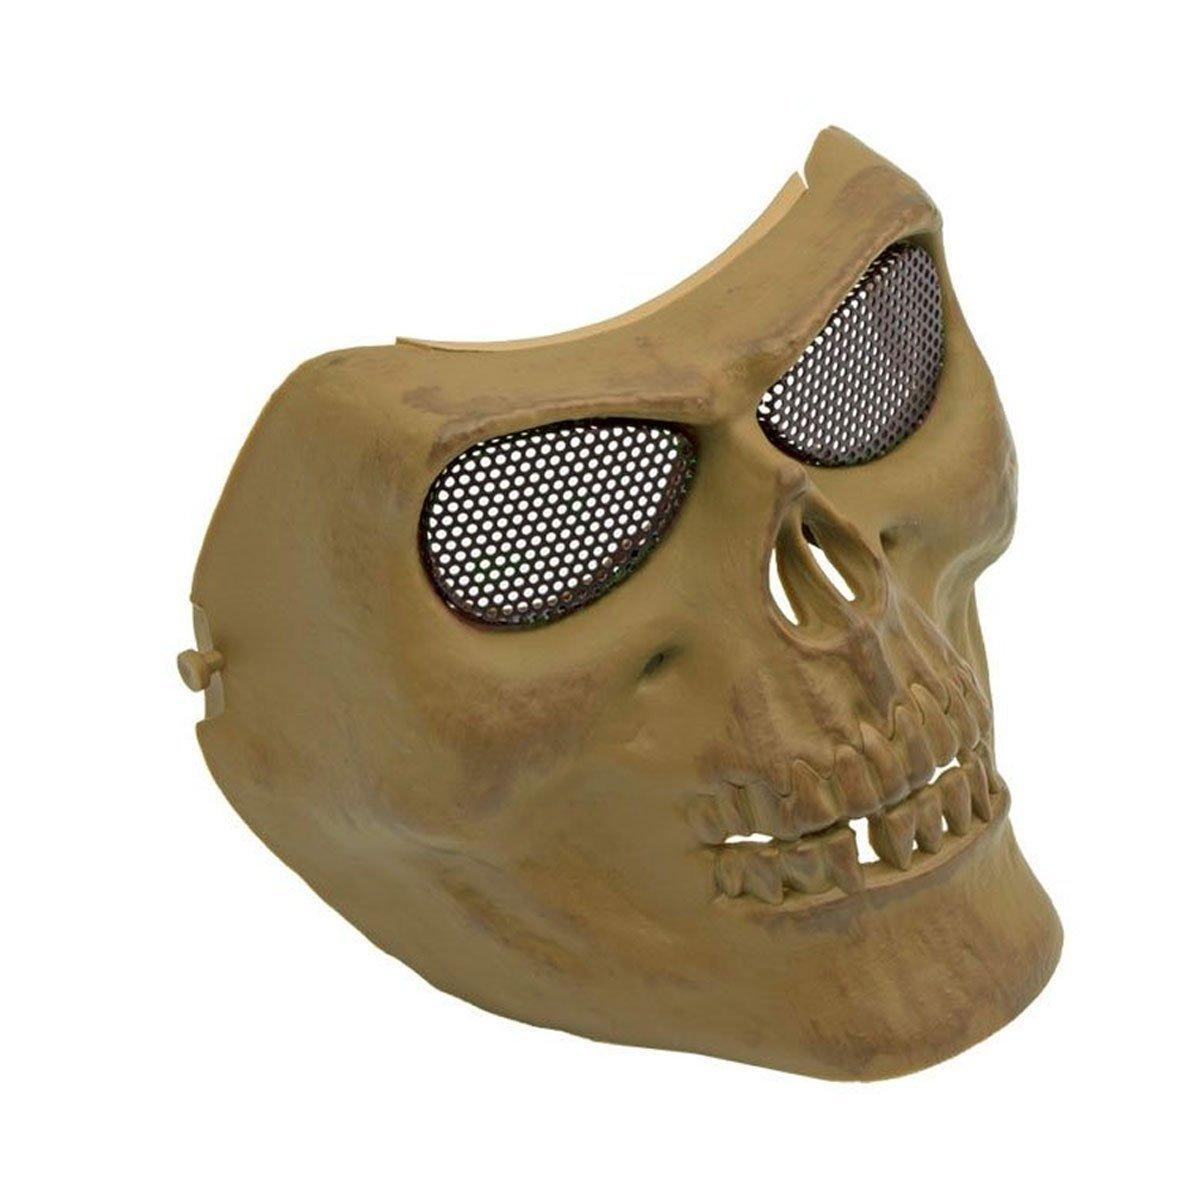 Máscara de proteção SRC Caveira / Skull Tan c/ Malha metalica - Preta